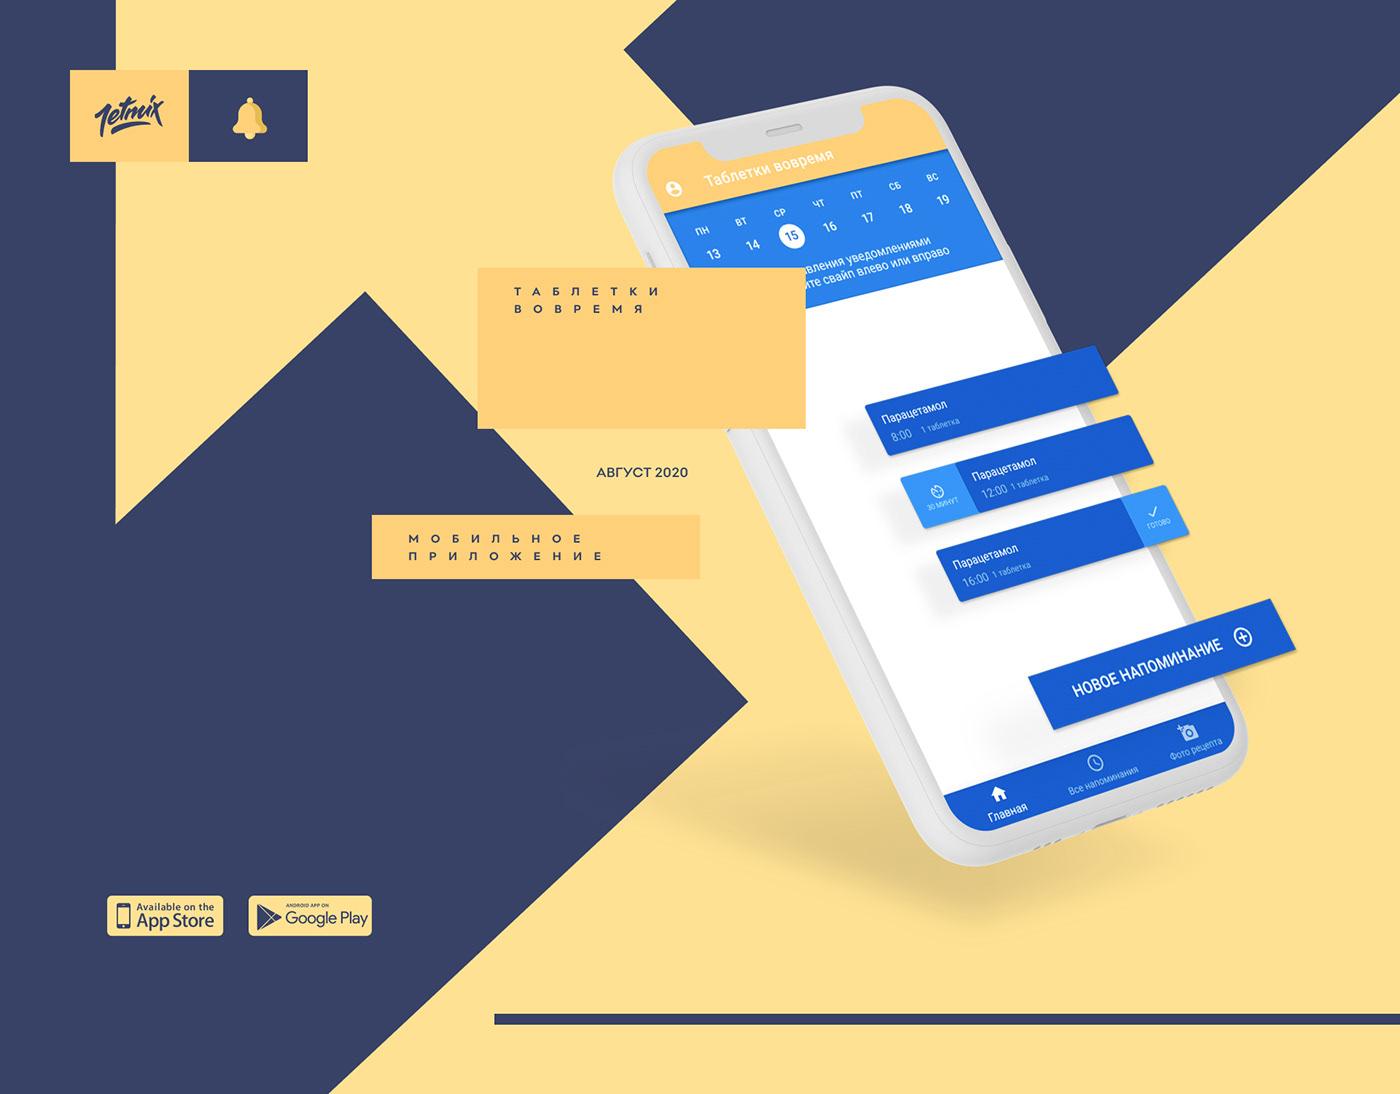 app mobile мобильное приложение Напоминания doctor fake news Mediacal  Mobile app service приложение